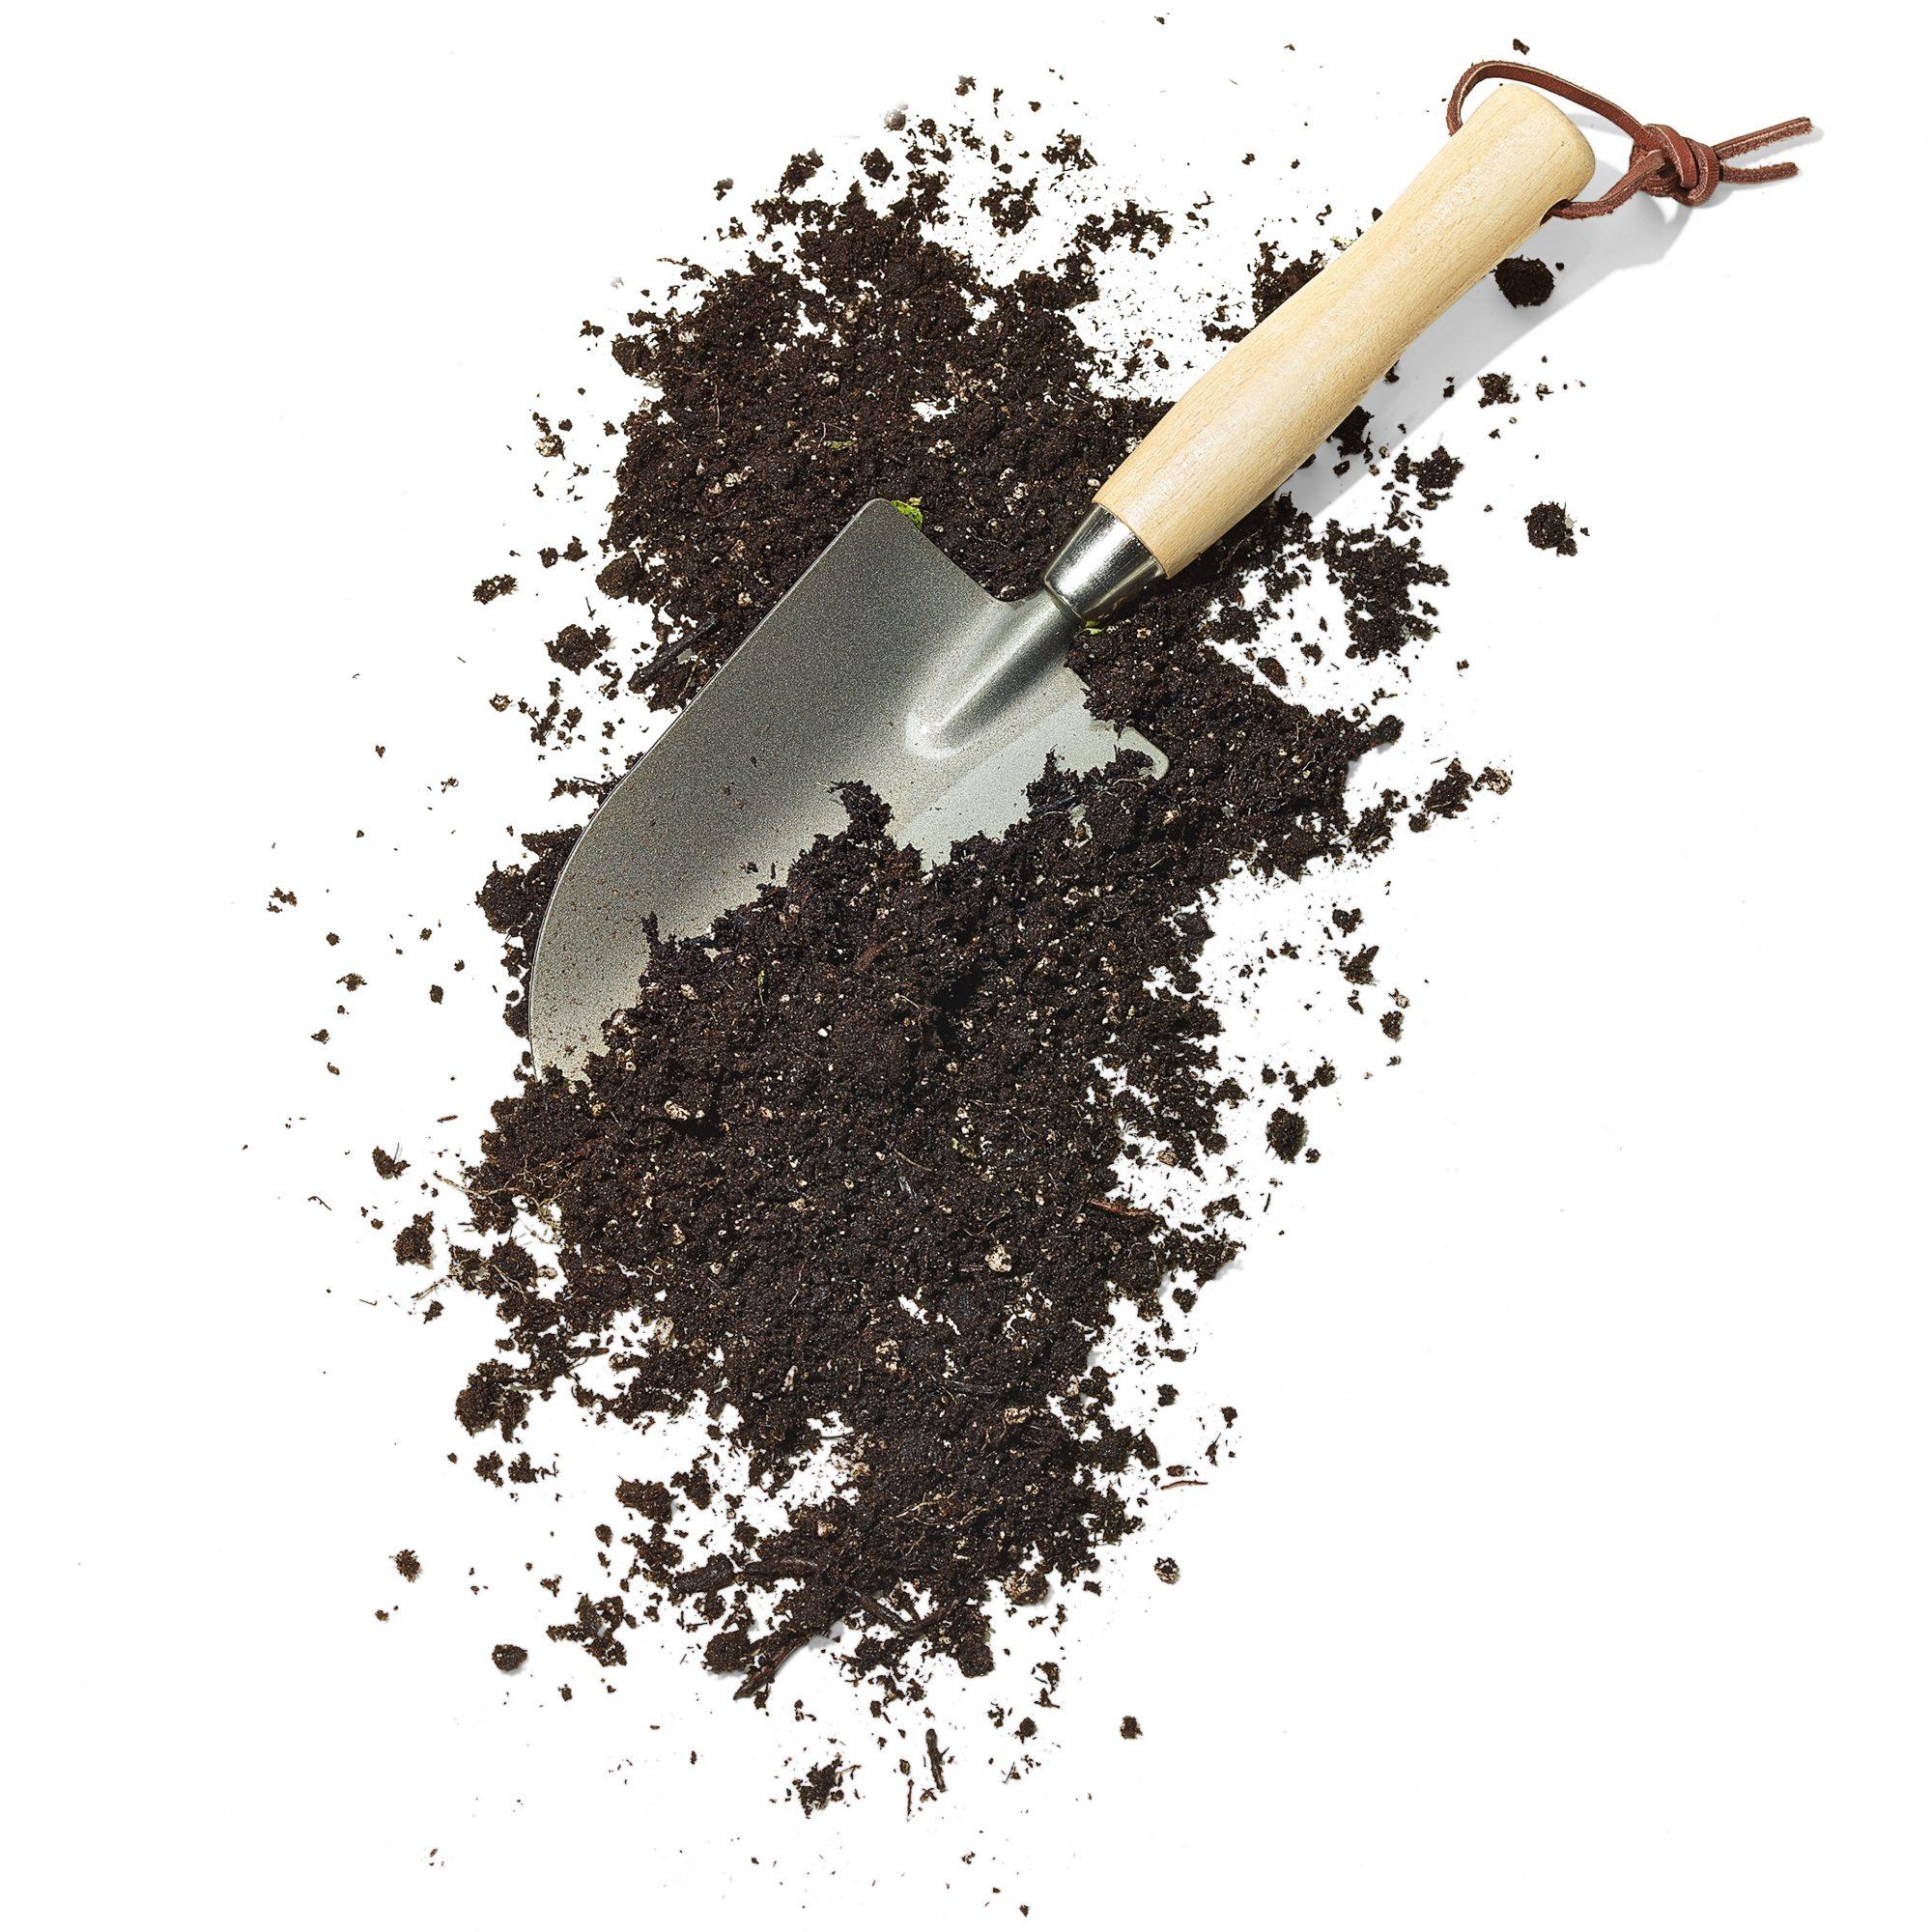 garden trowel tool with soil